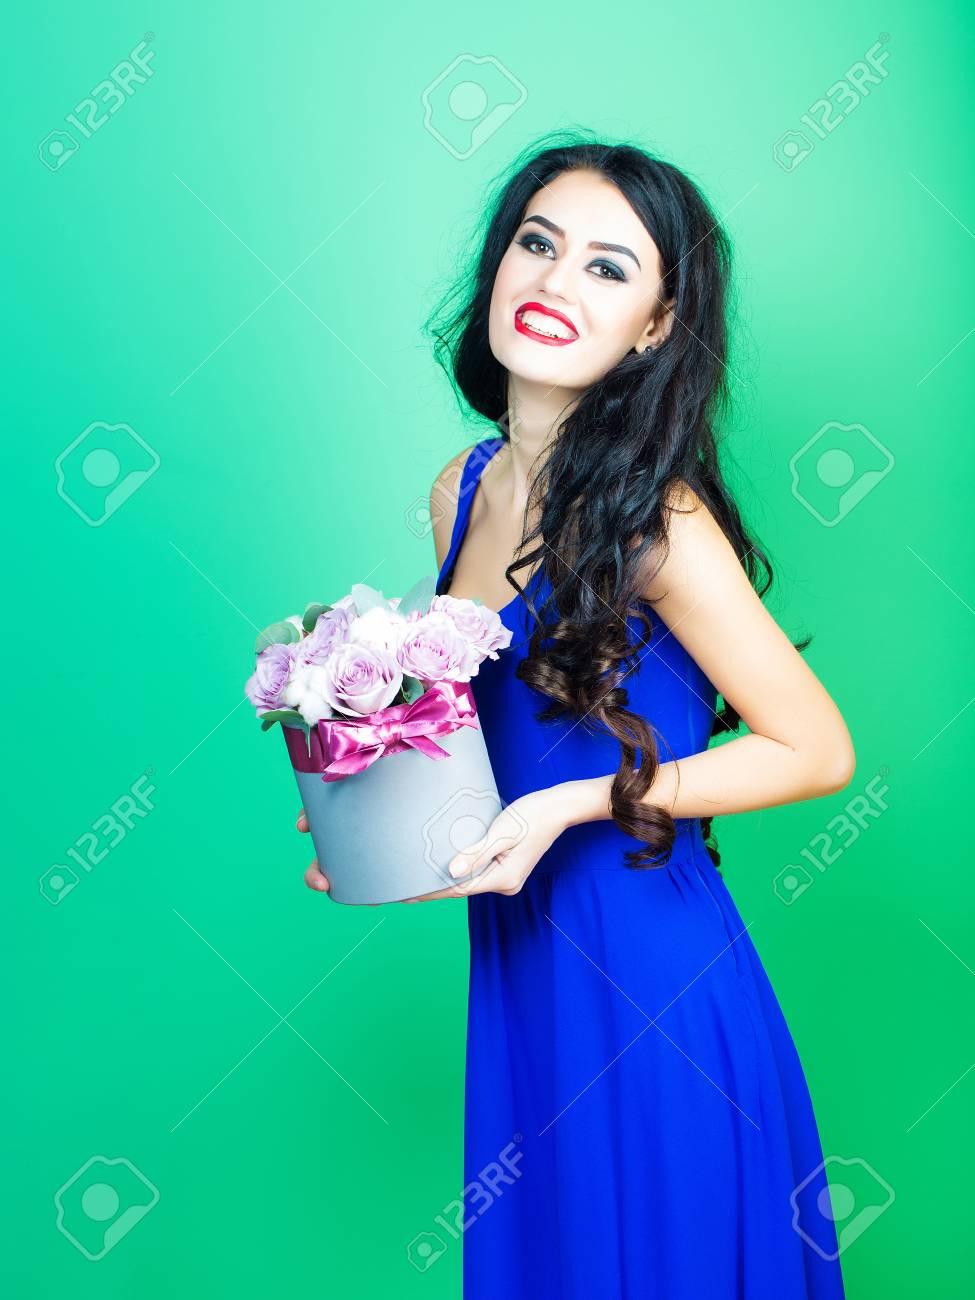 7b2fcfc11 Joven Mujer Muy Sexy O Niña Con Cara Sonriente Linda Y Cabello Largo Morena  Tiene Maquillaje De Moda Con Lápiz Labial Rojo En Vestido Azul Tiene Ramo  De ...